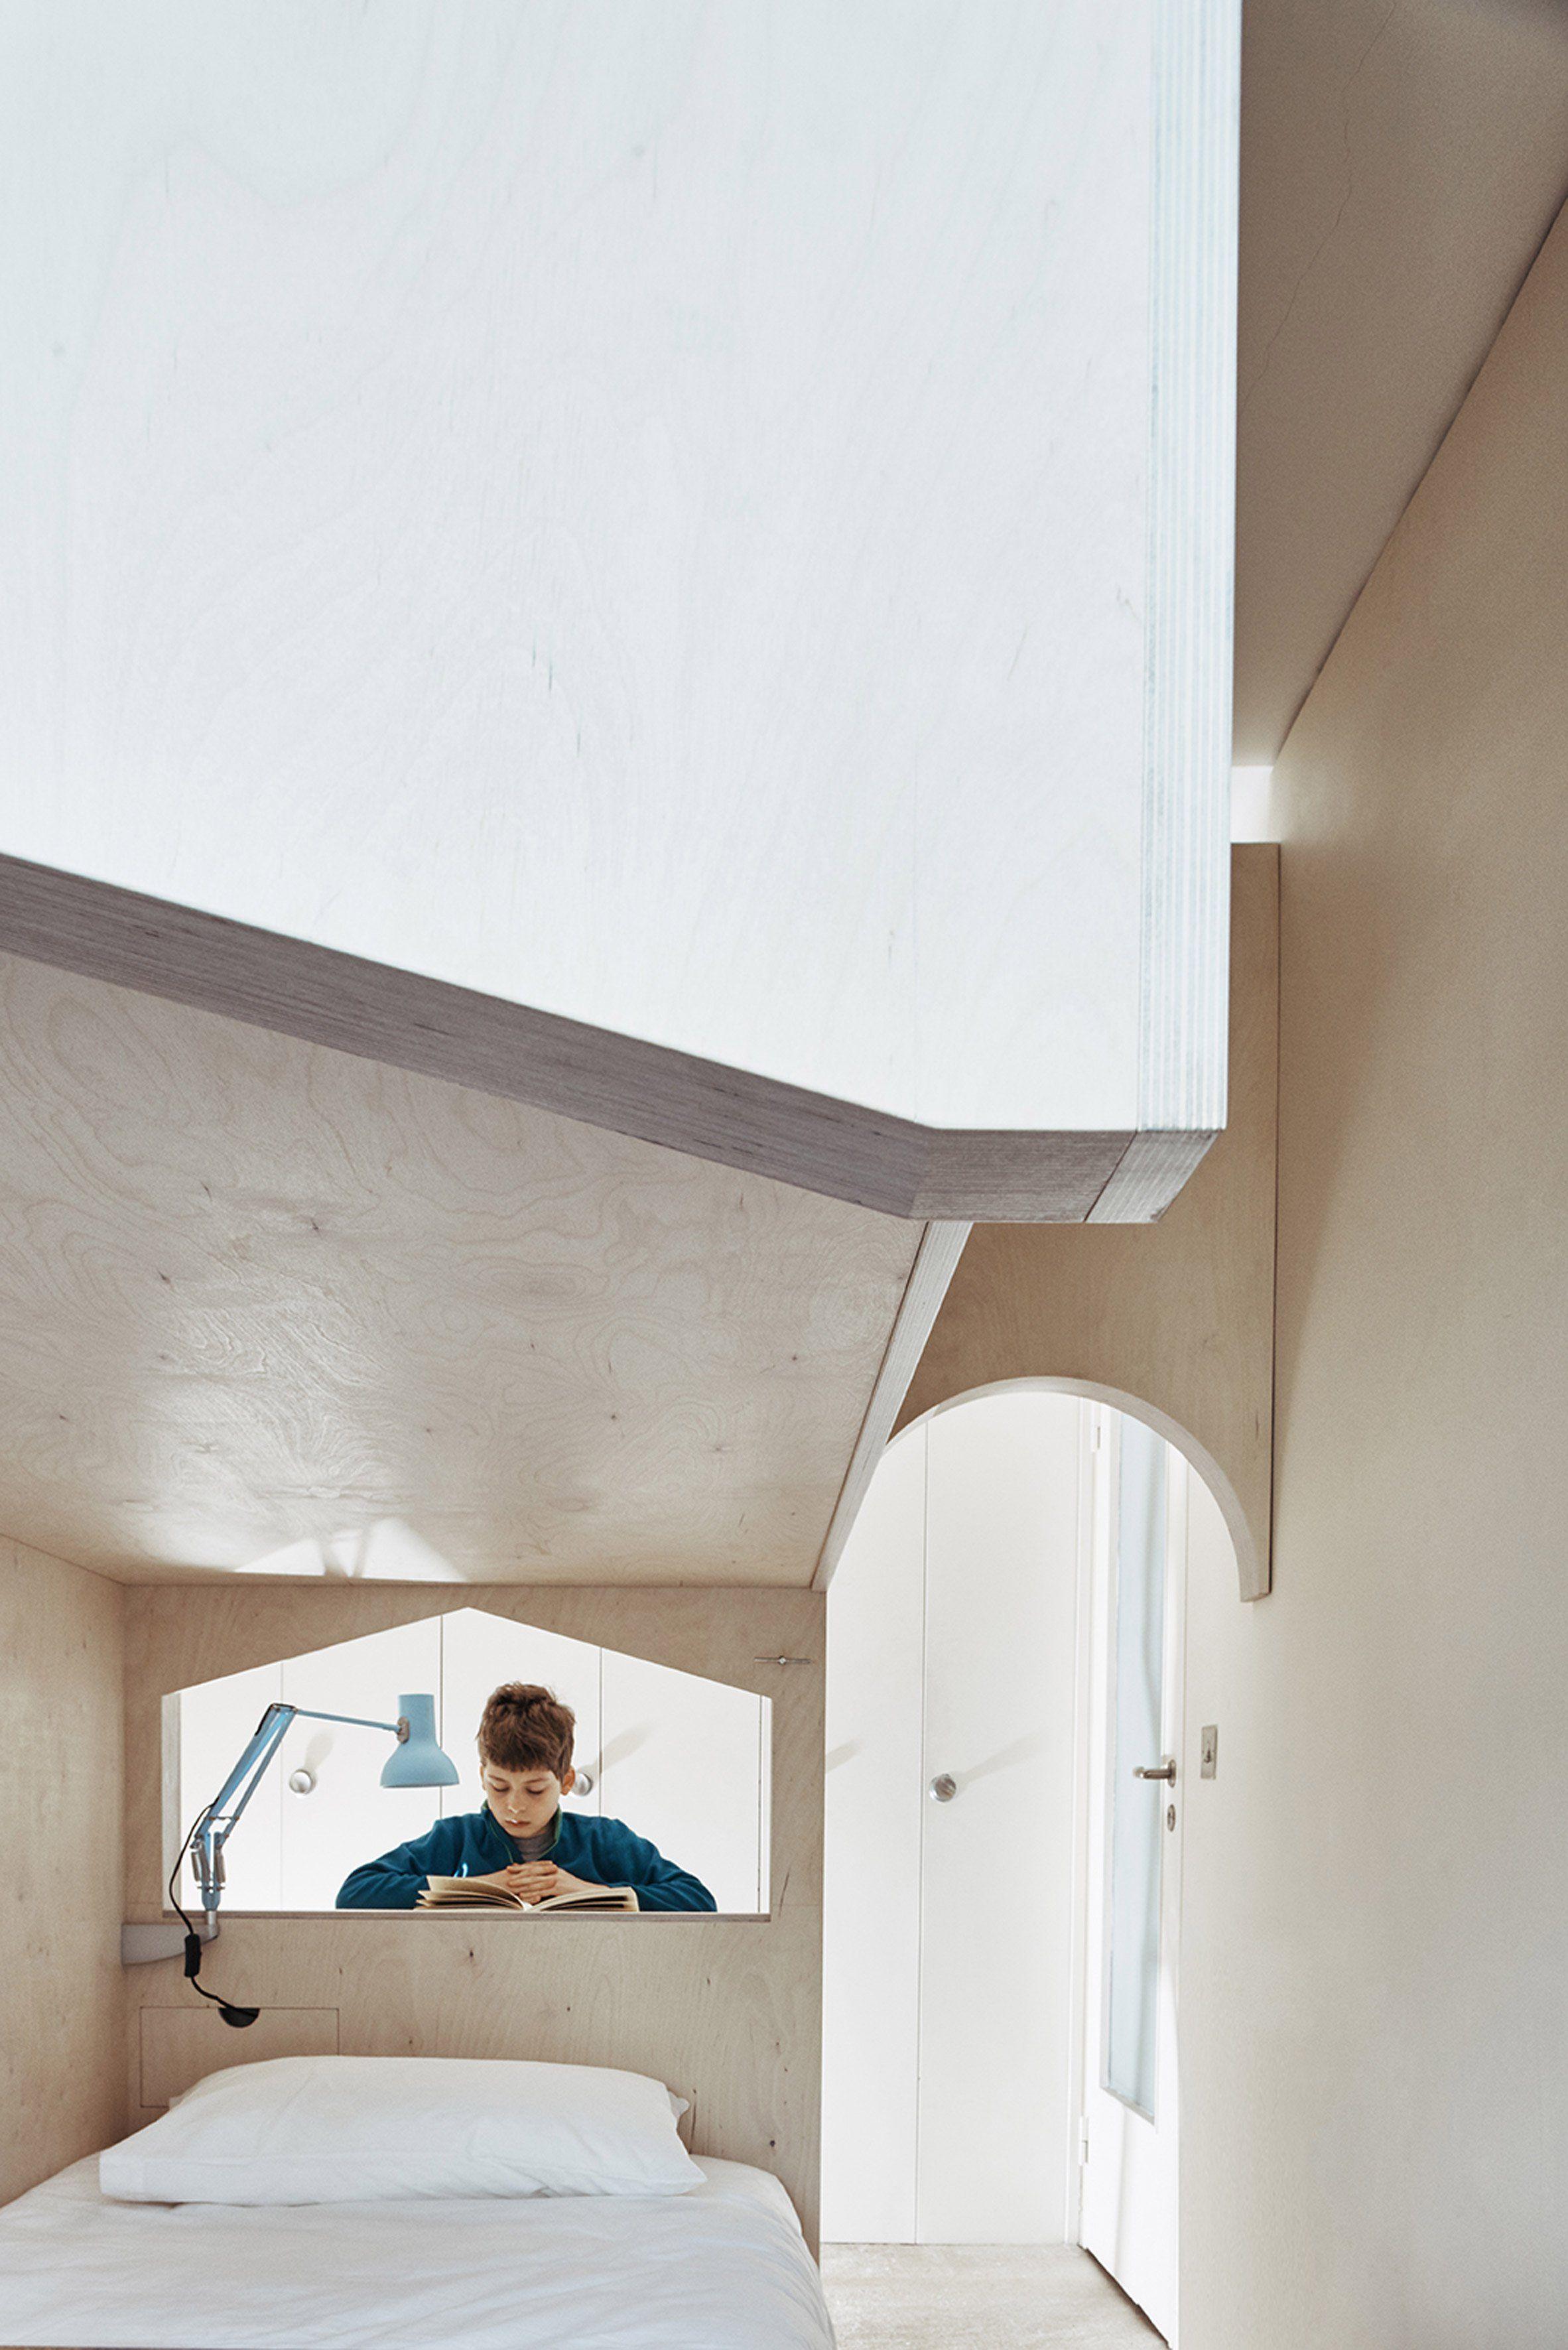 Interior design of children's bedroom studio ben allen inserts pale plywood childrenus bedroom into